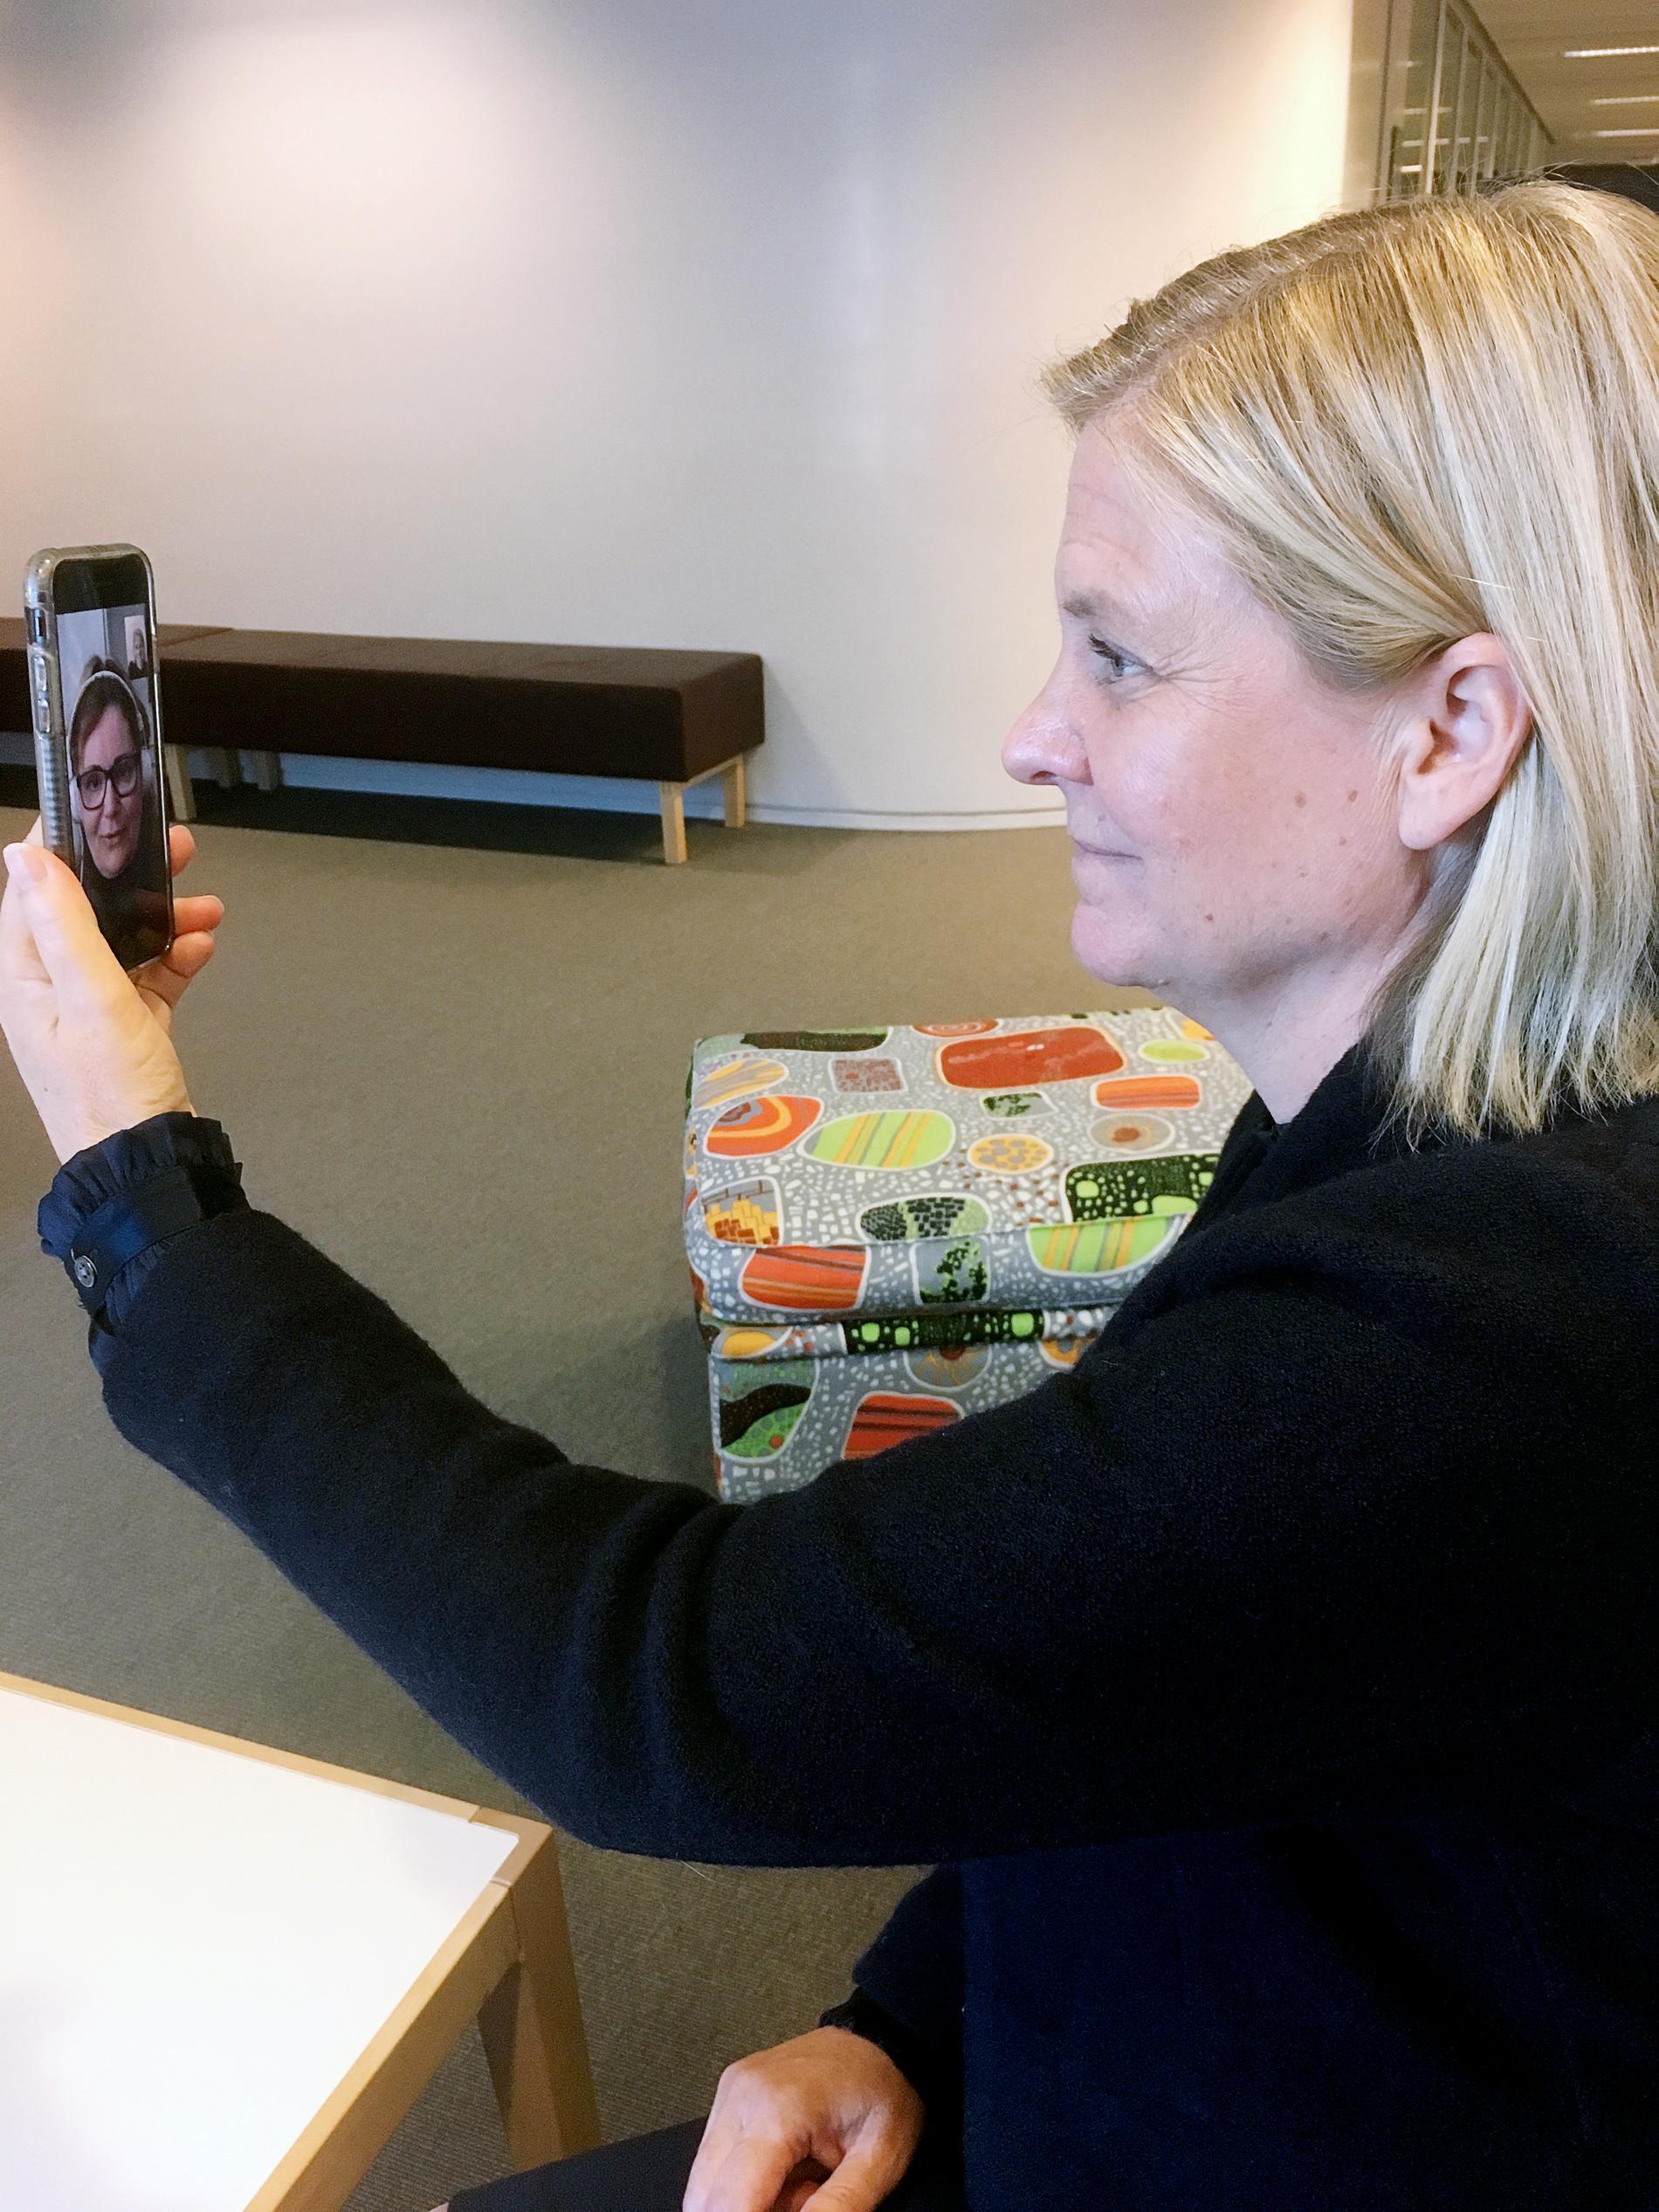 Magdalena Andersson intervjuas av Anette Holmqvist över videosamtal.